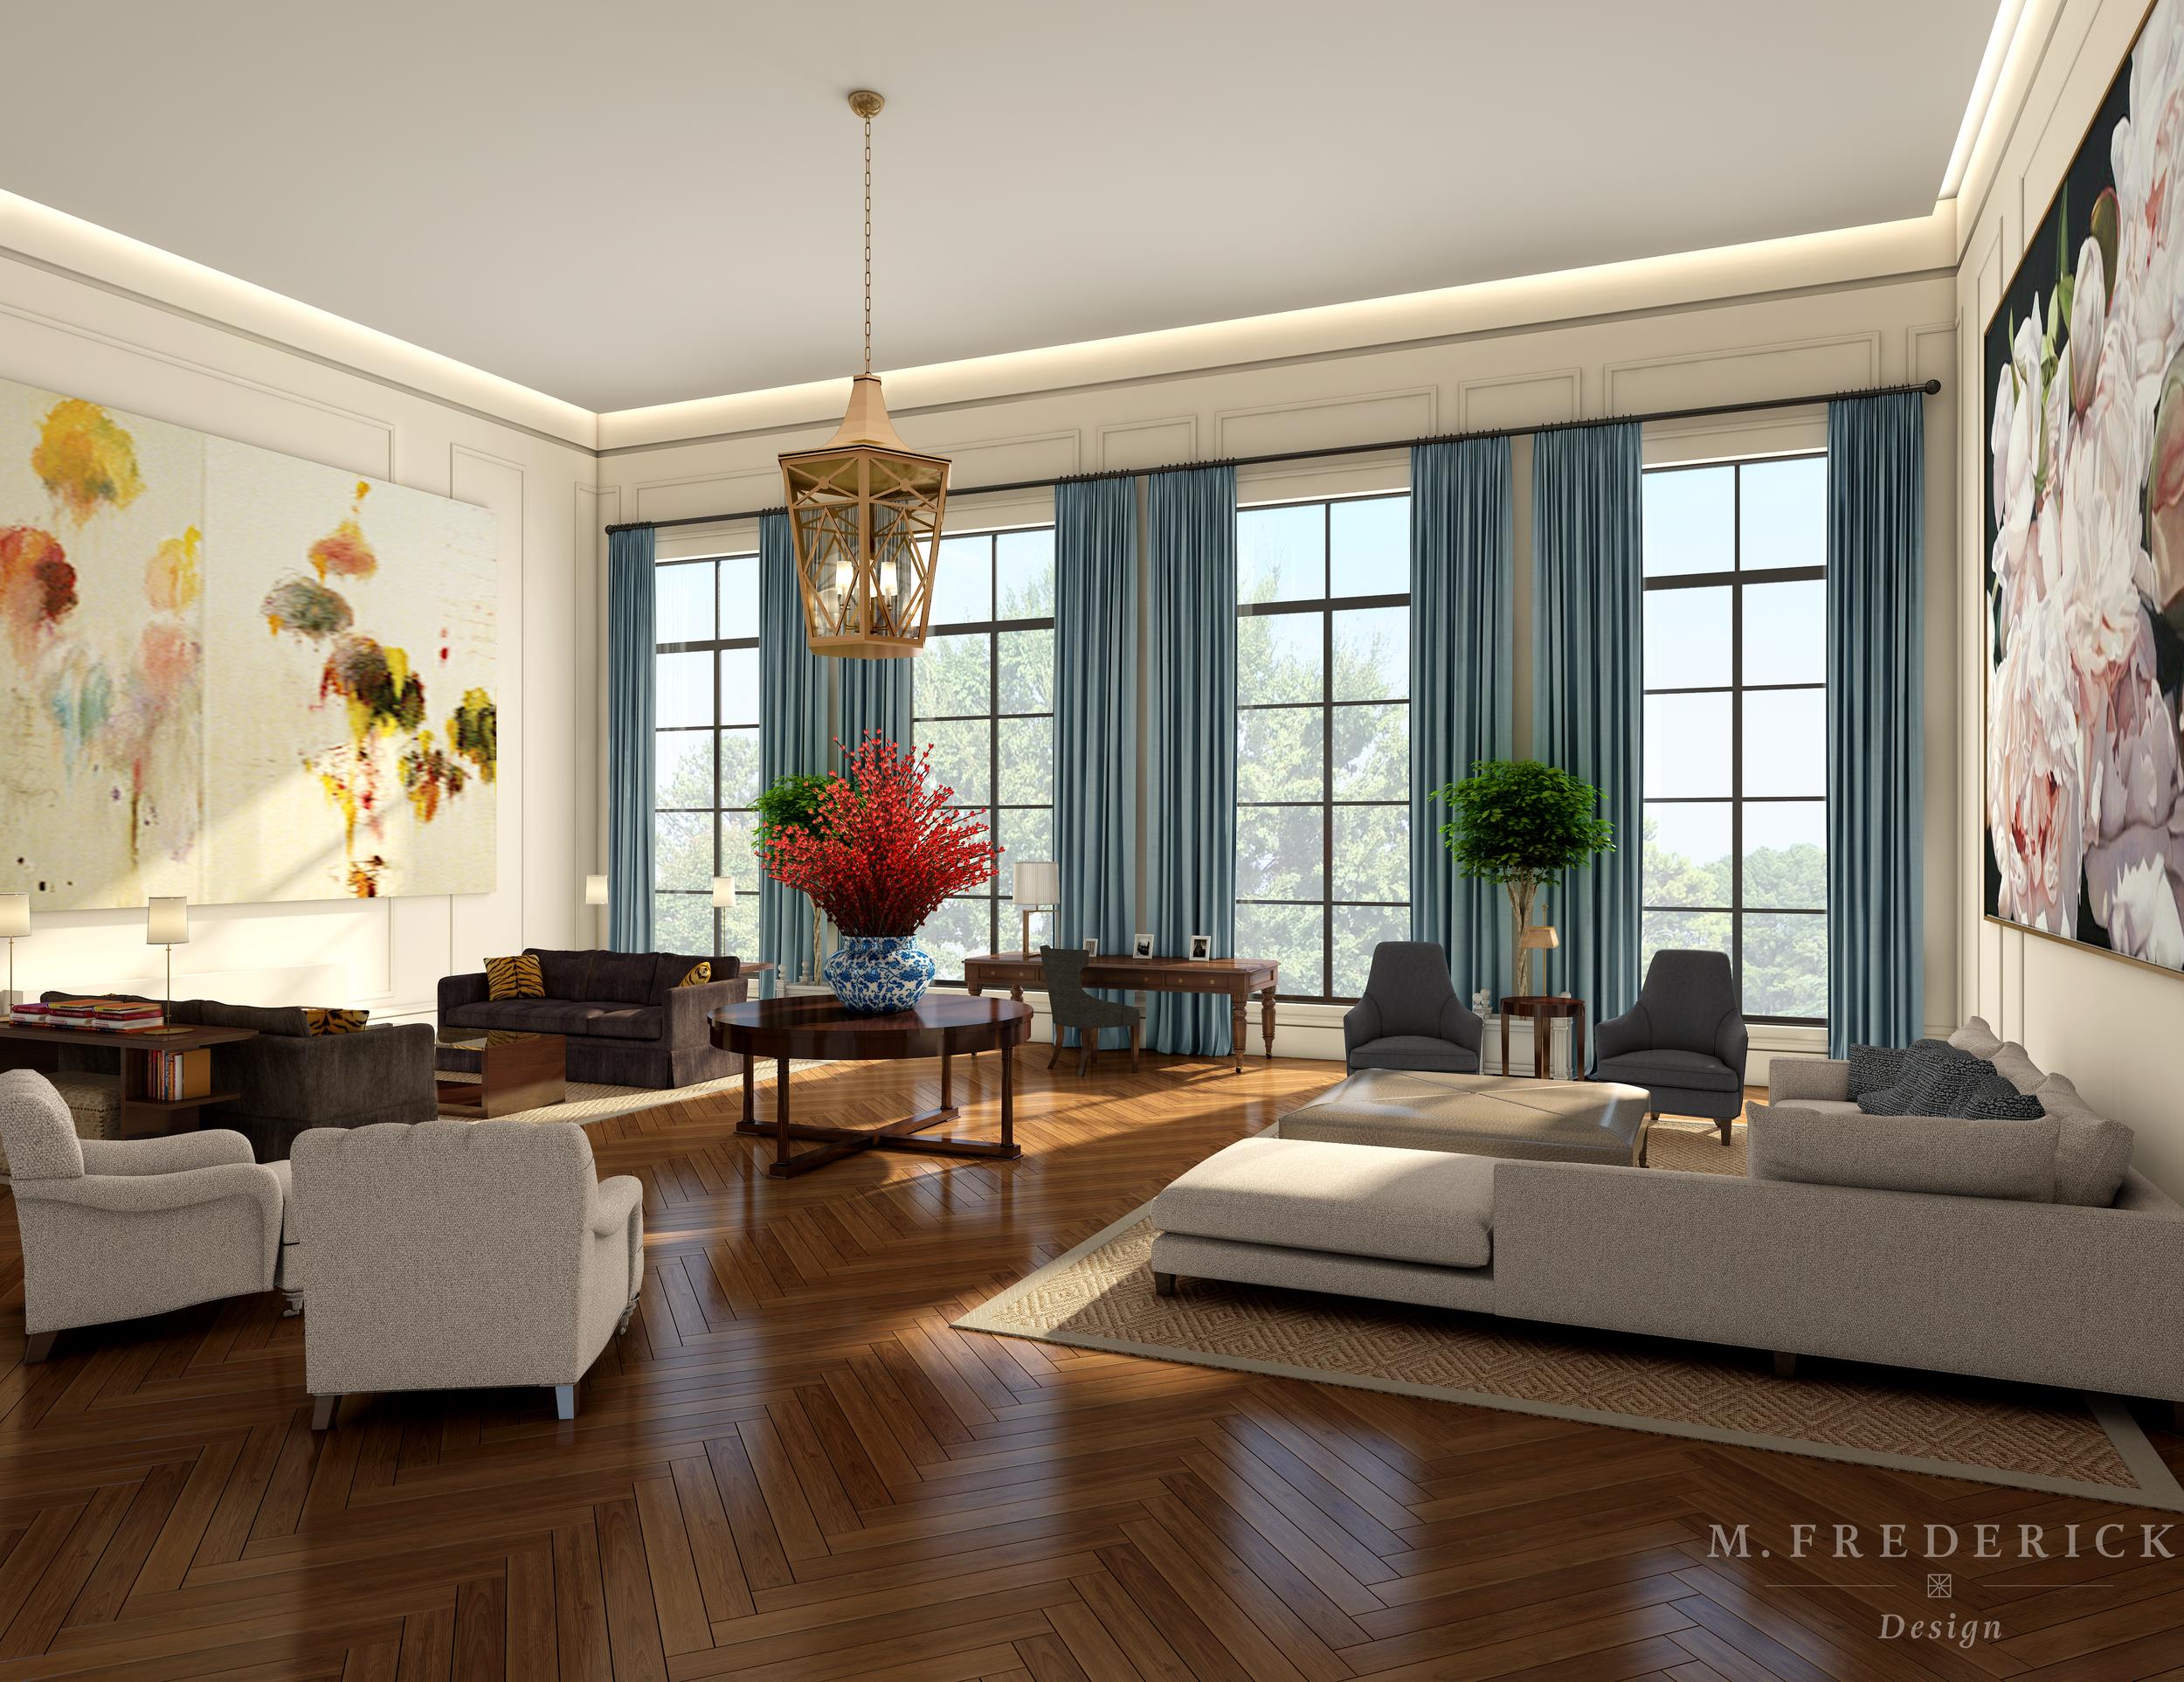 20151229 ConceptProject_Final_Living Room For Rendering v1.png